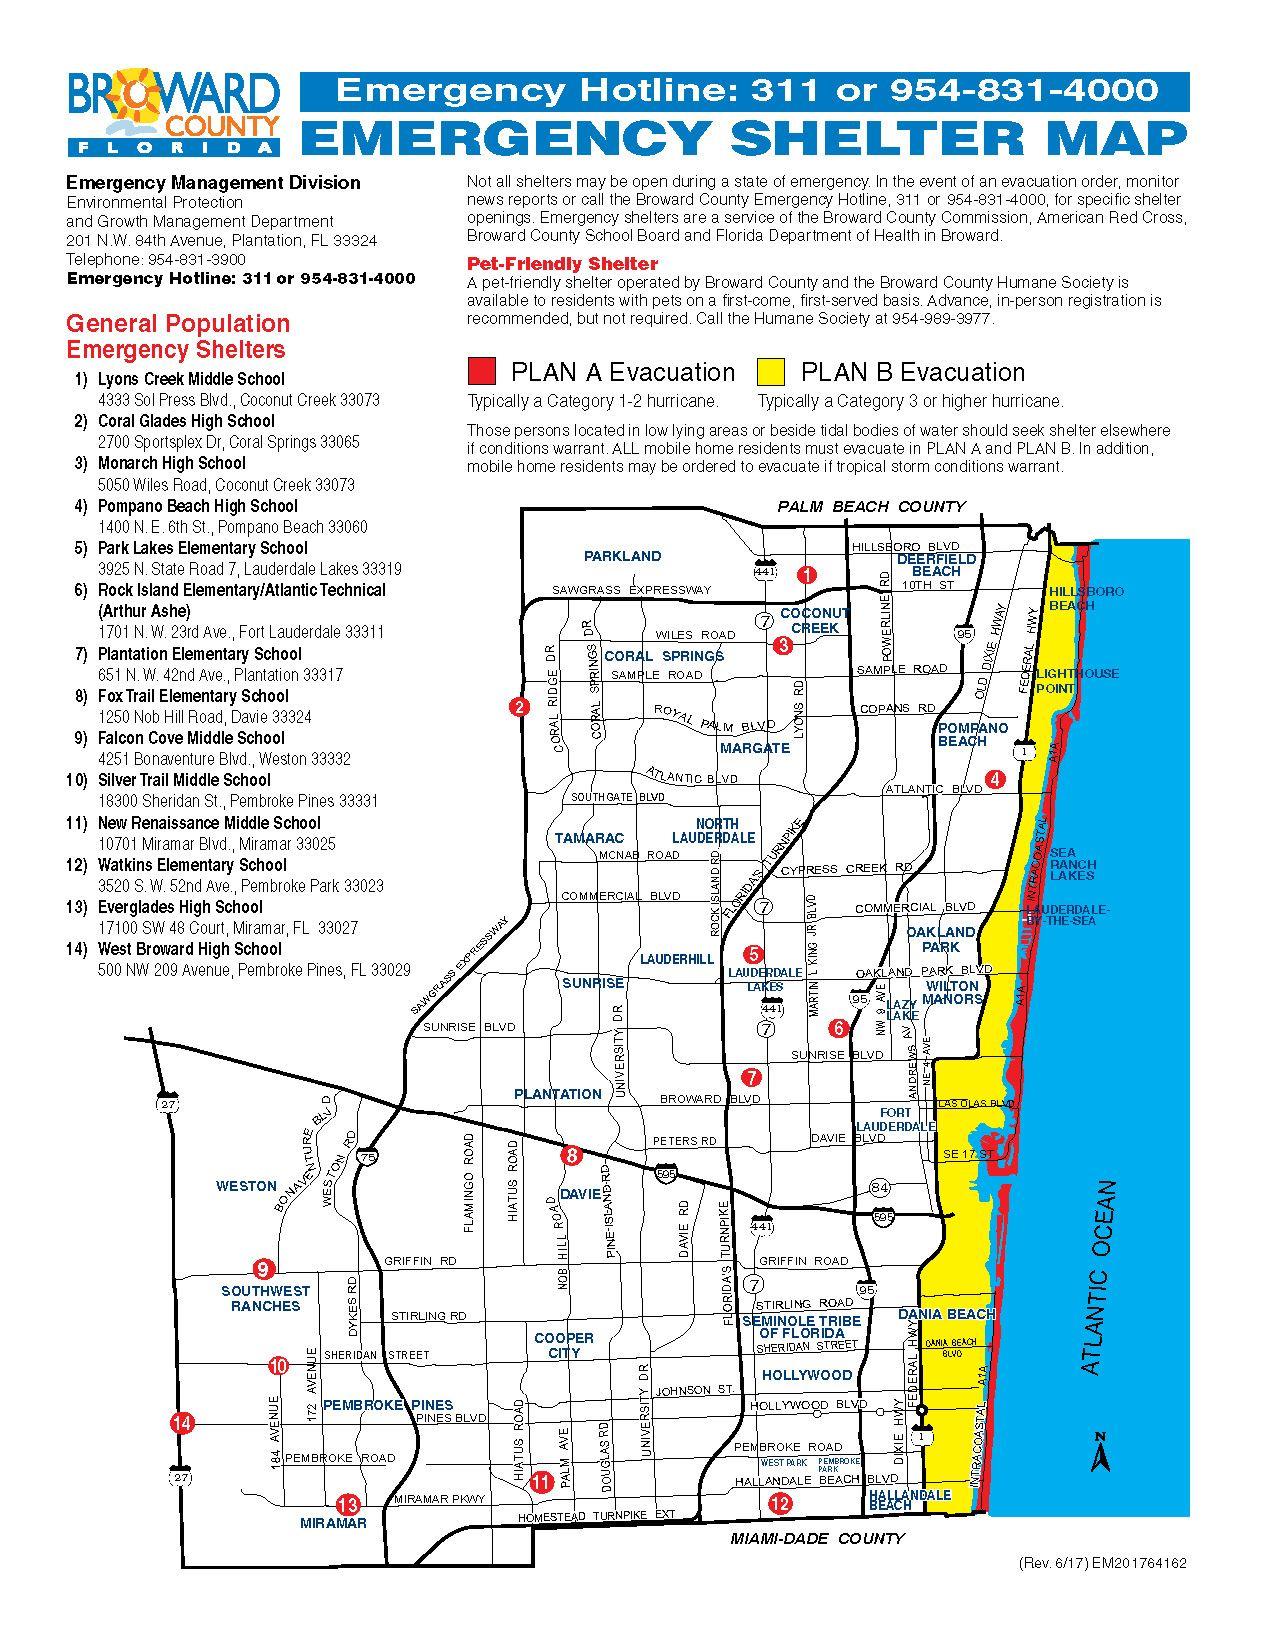 Hurricane Evacuation Map | City of Dania Beach, Florida - Official ...